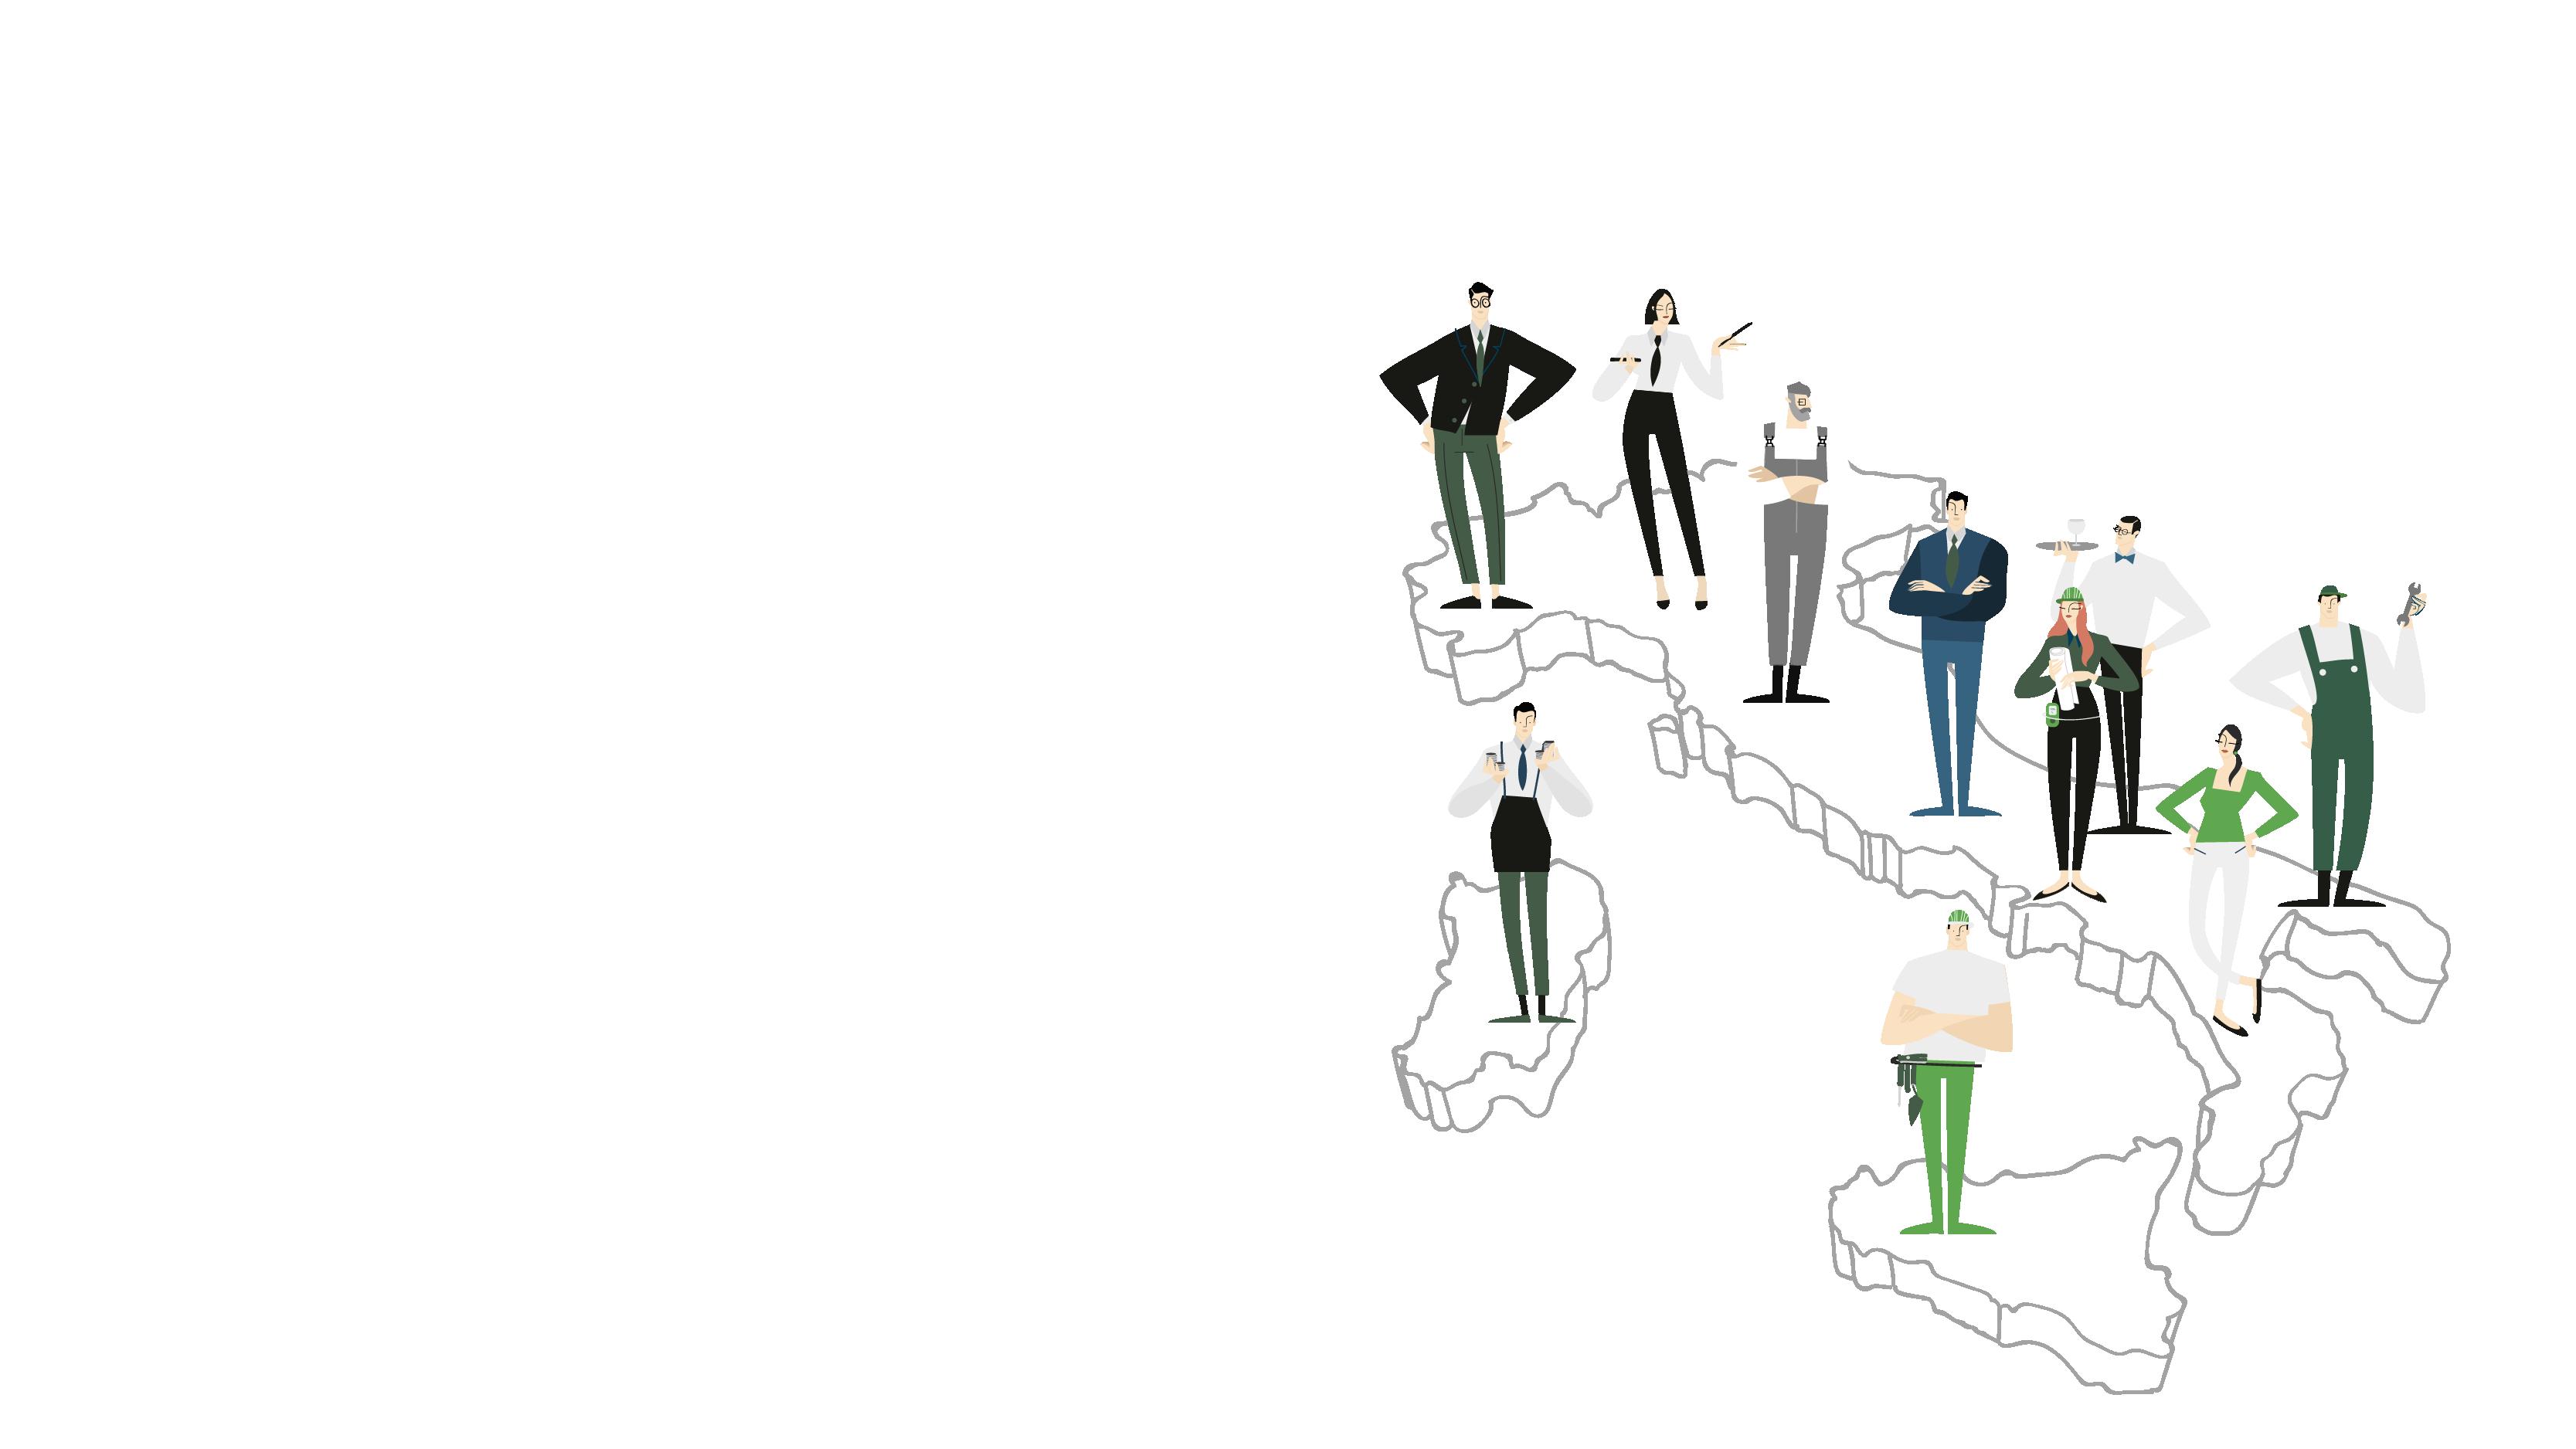 Gli imprenditori delle PMI posizionati sulla mappa d'Italia.